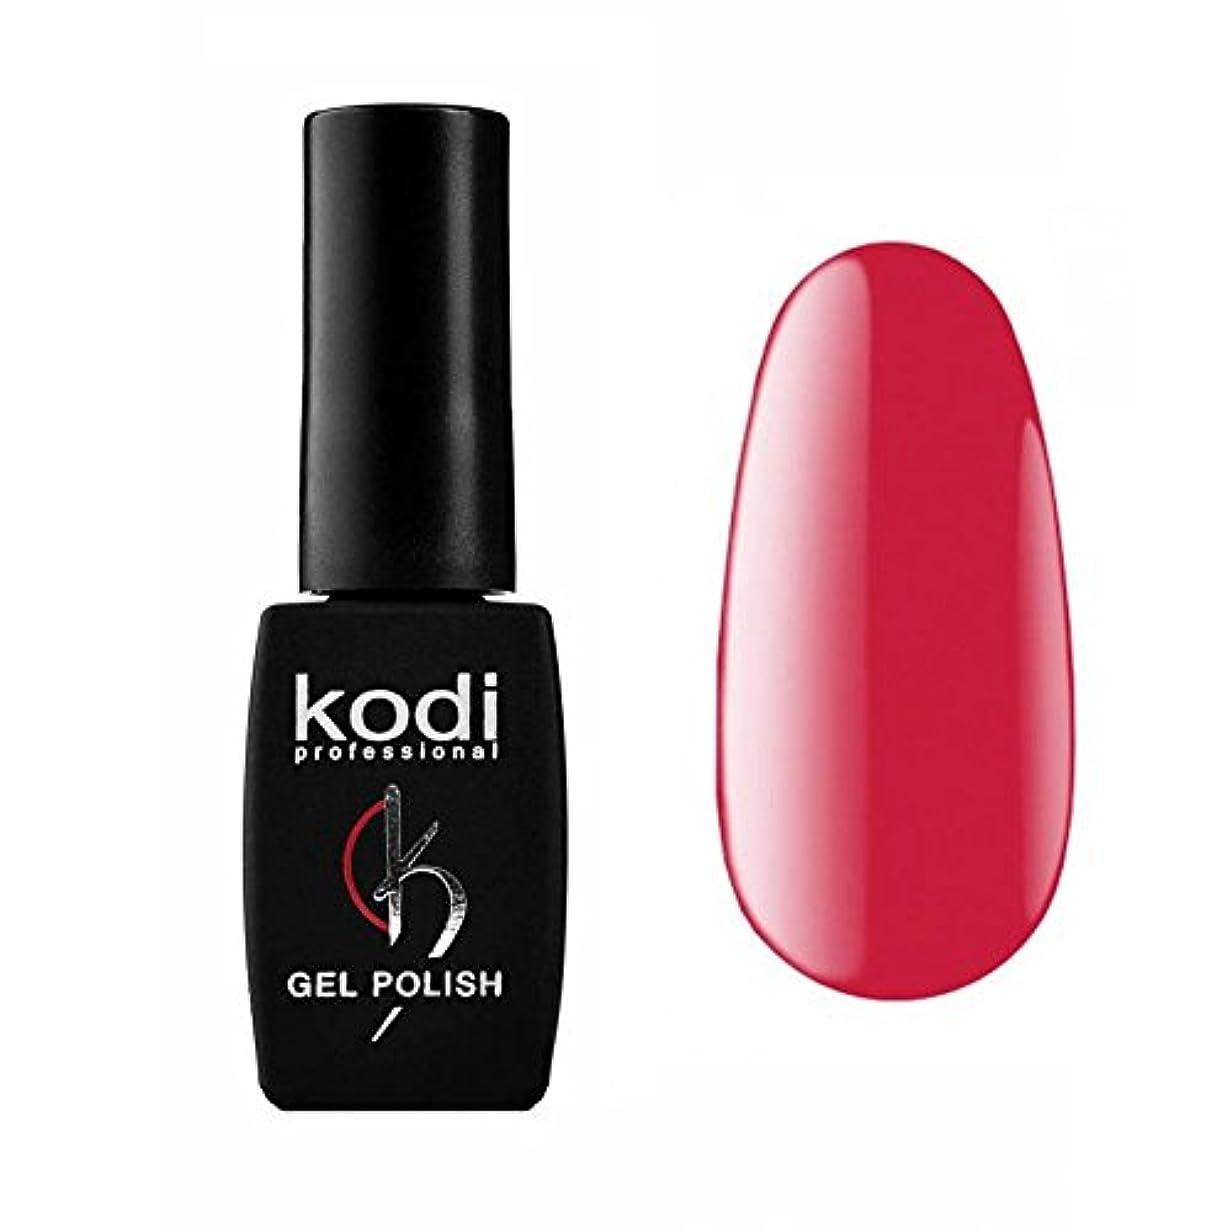 挨拶ティーンエイジャー暴行Kodi Professional New Collection P Pink #120 Color Gel Nail Polish 12ml 0.42 Fl Oz LED UV Genuine Soak Off